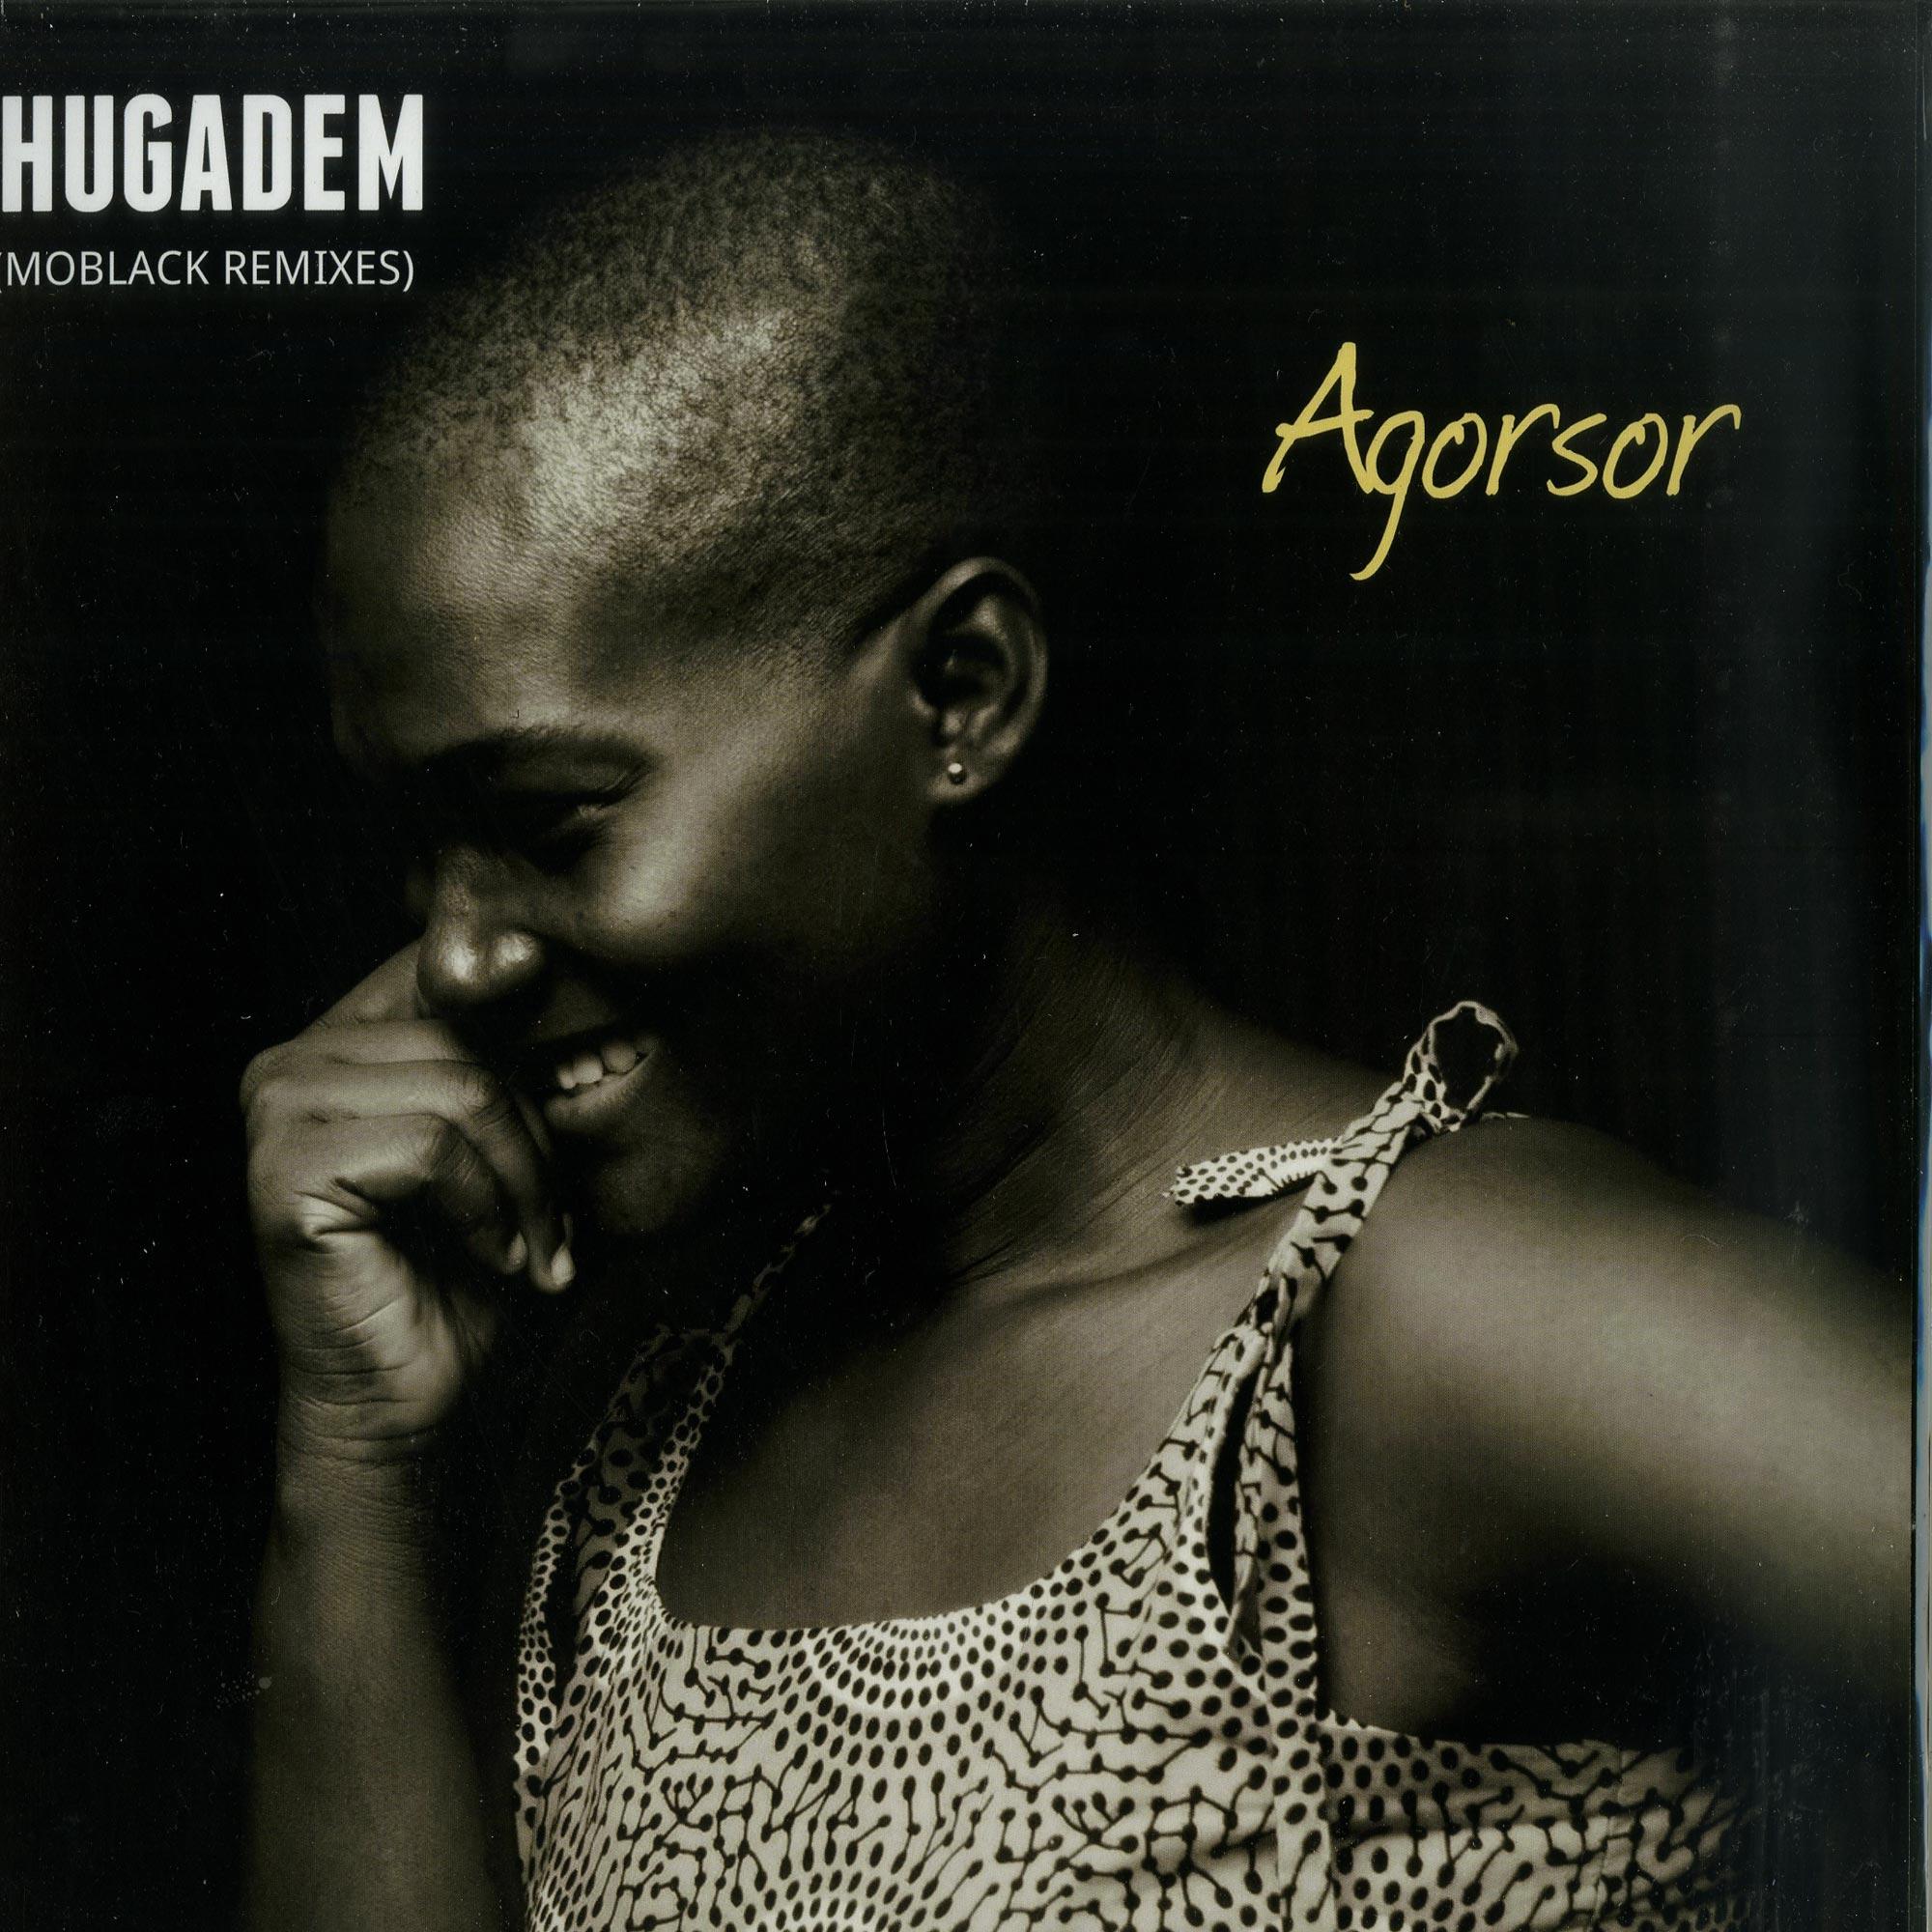 Agorsor - HUGADEM